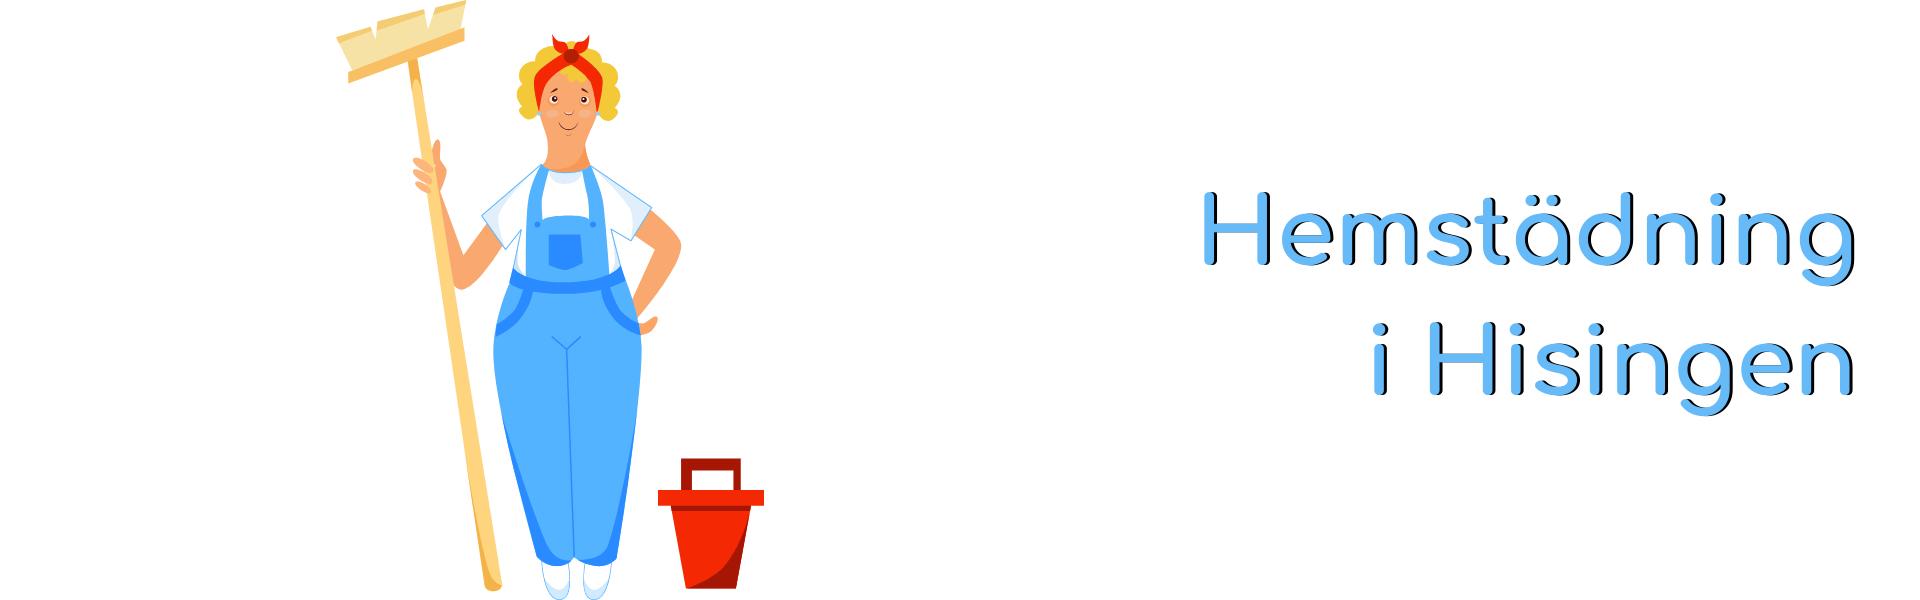 Hemstädning Hisingen